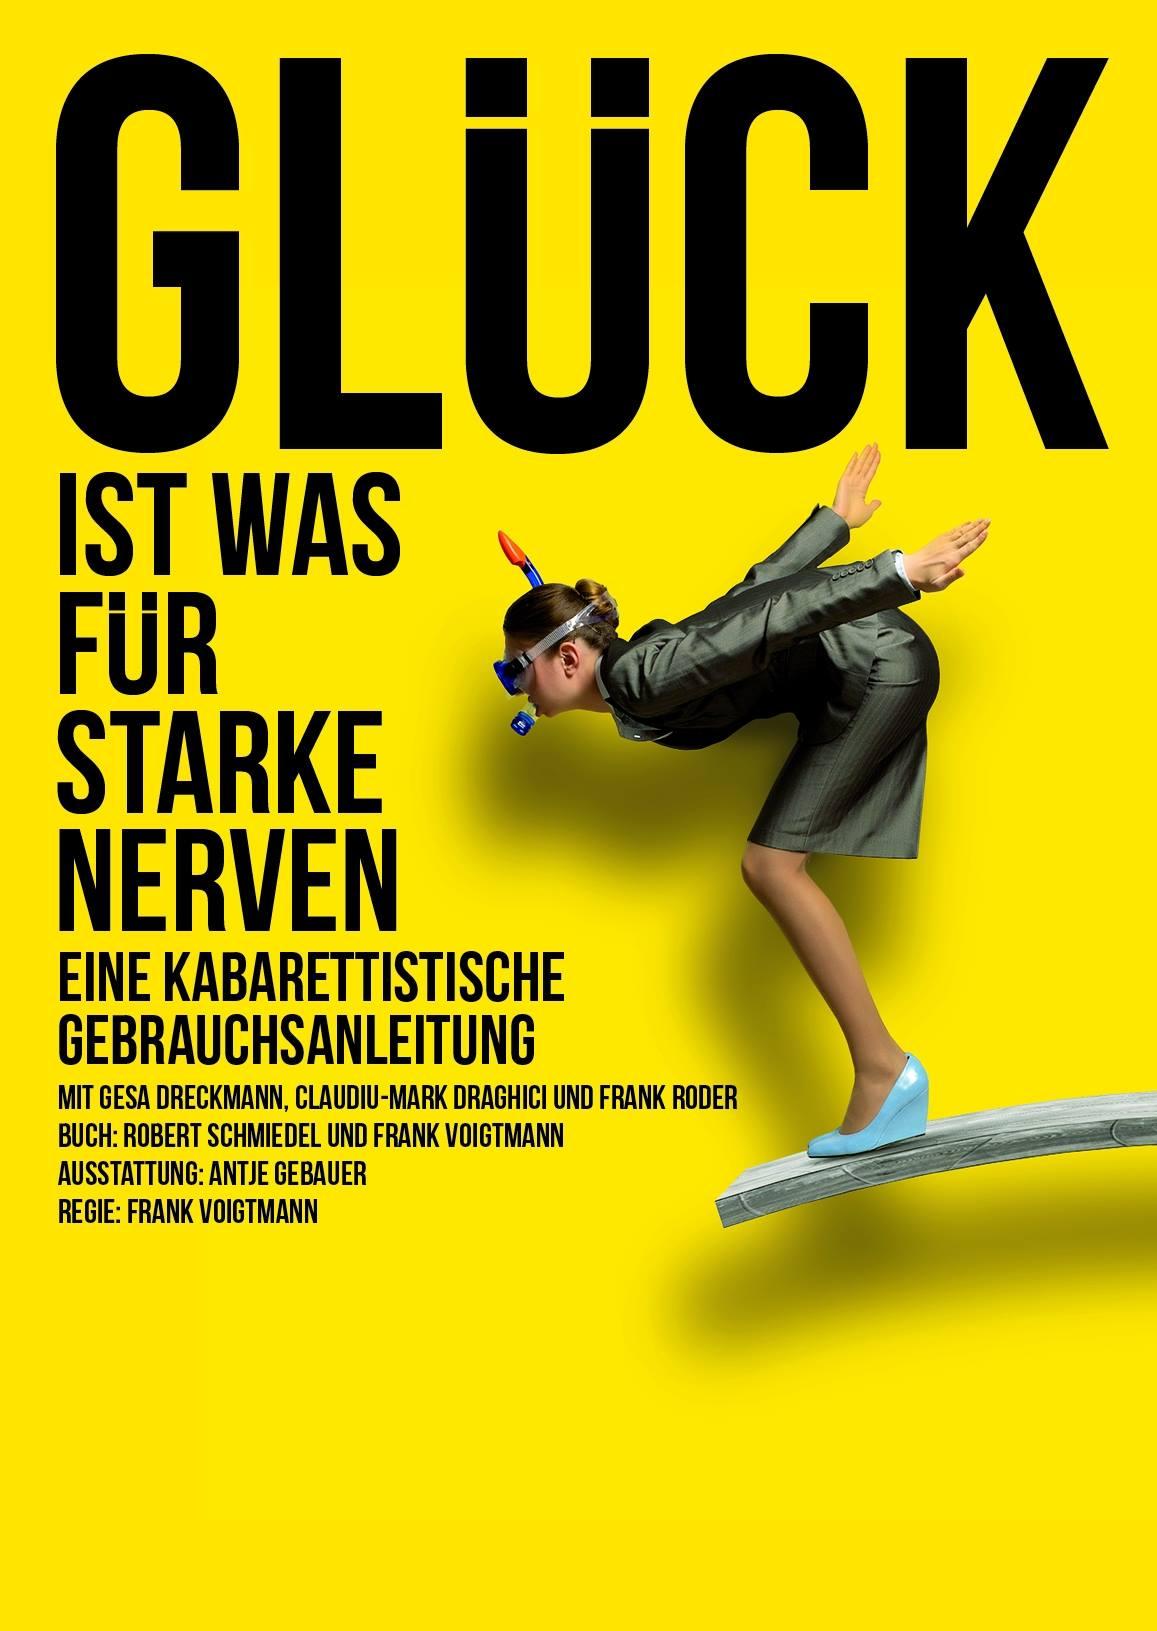 GLüCK IST WAS FüR STARKE NERVEN - EINE KABARETTISTISCHE GEBRAUCHSANLEITUNG